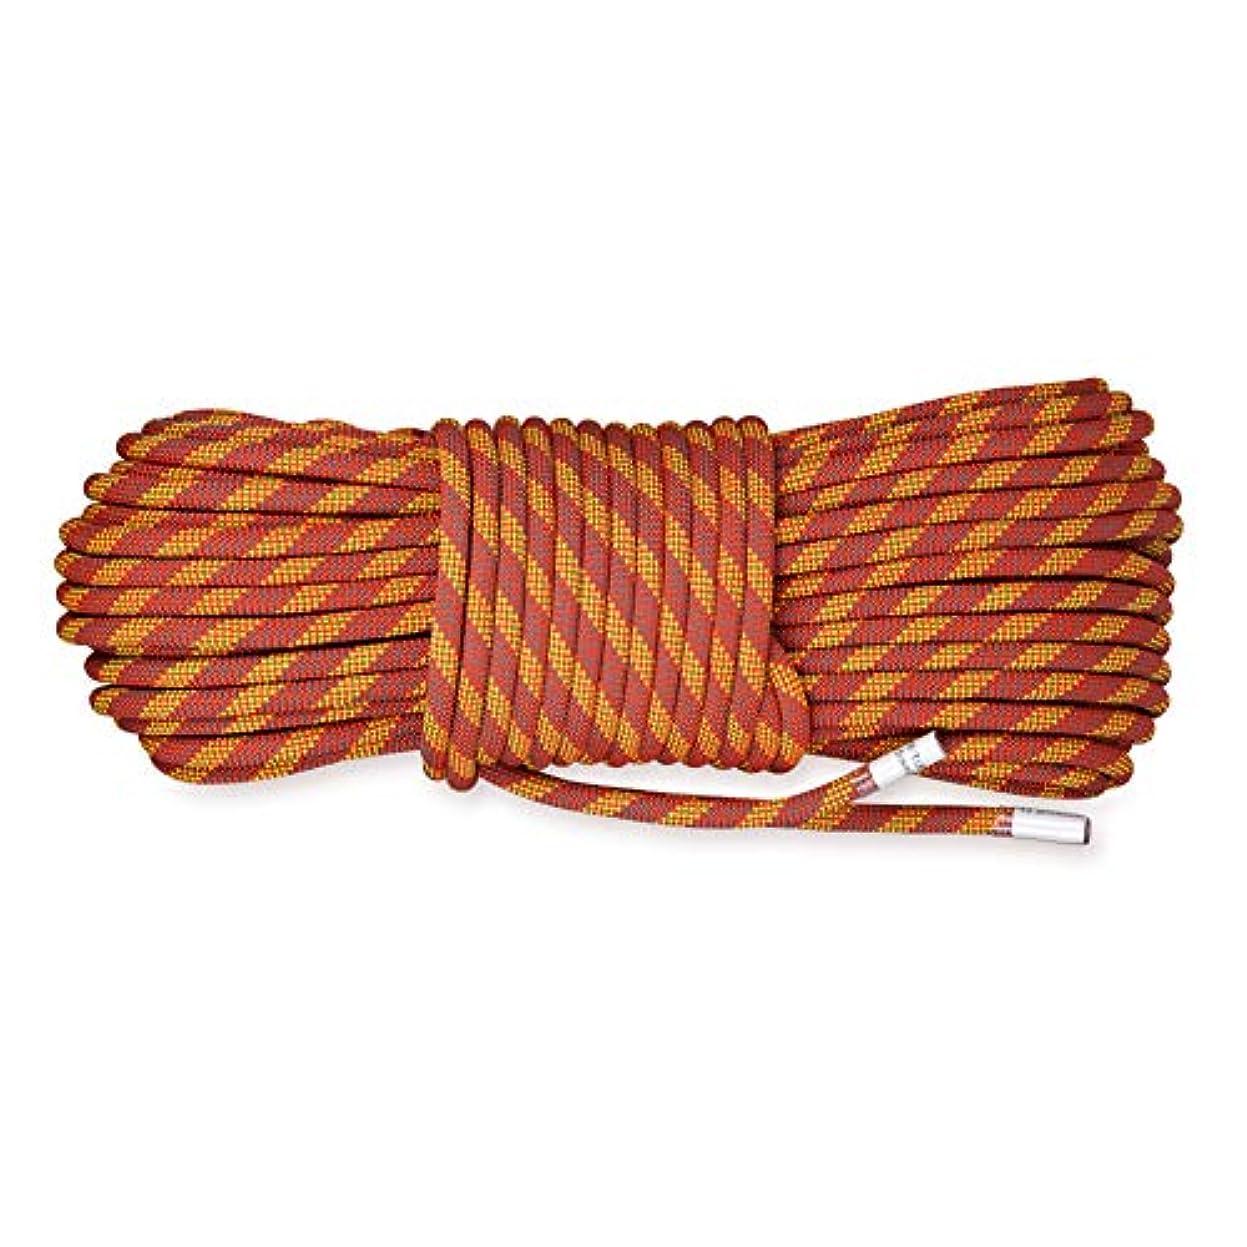 概念特別な実質的にロッククライミングロープ、10.5ミリメートル多目的安全ロープ屋外パワーロープ用ロックツリーウォールクライミングレスキューファイヤーエスケープダウンヒル,50m